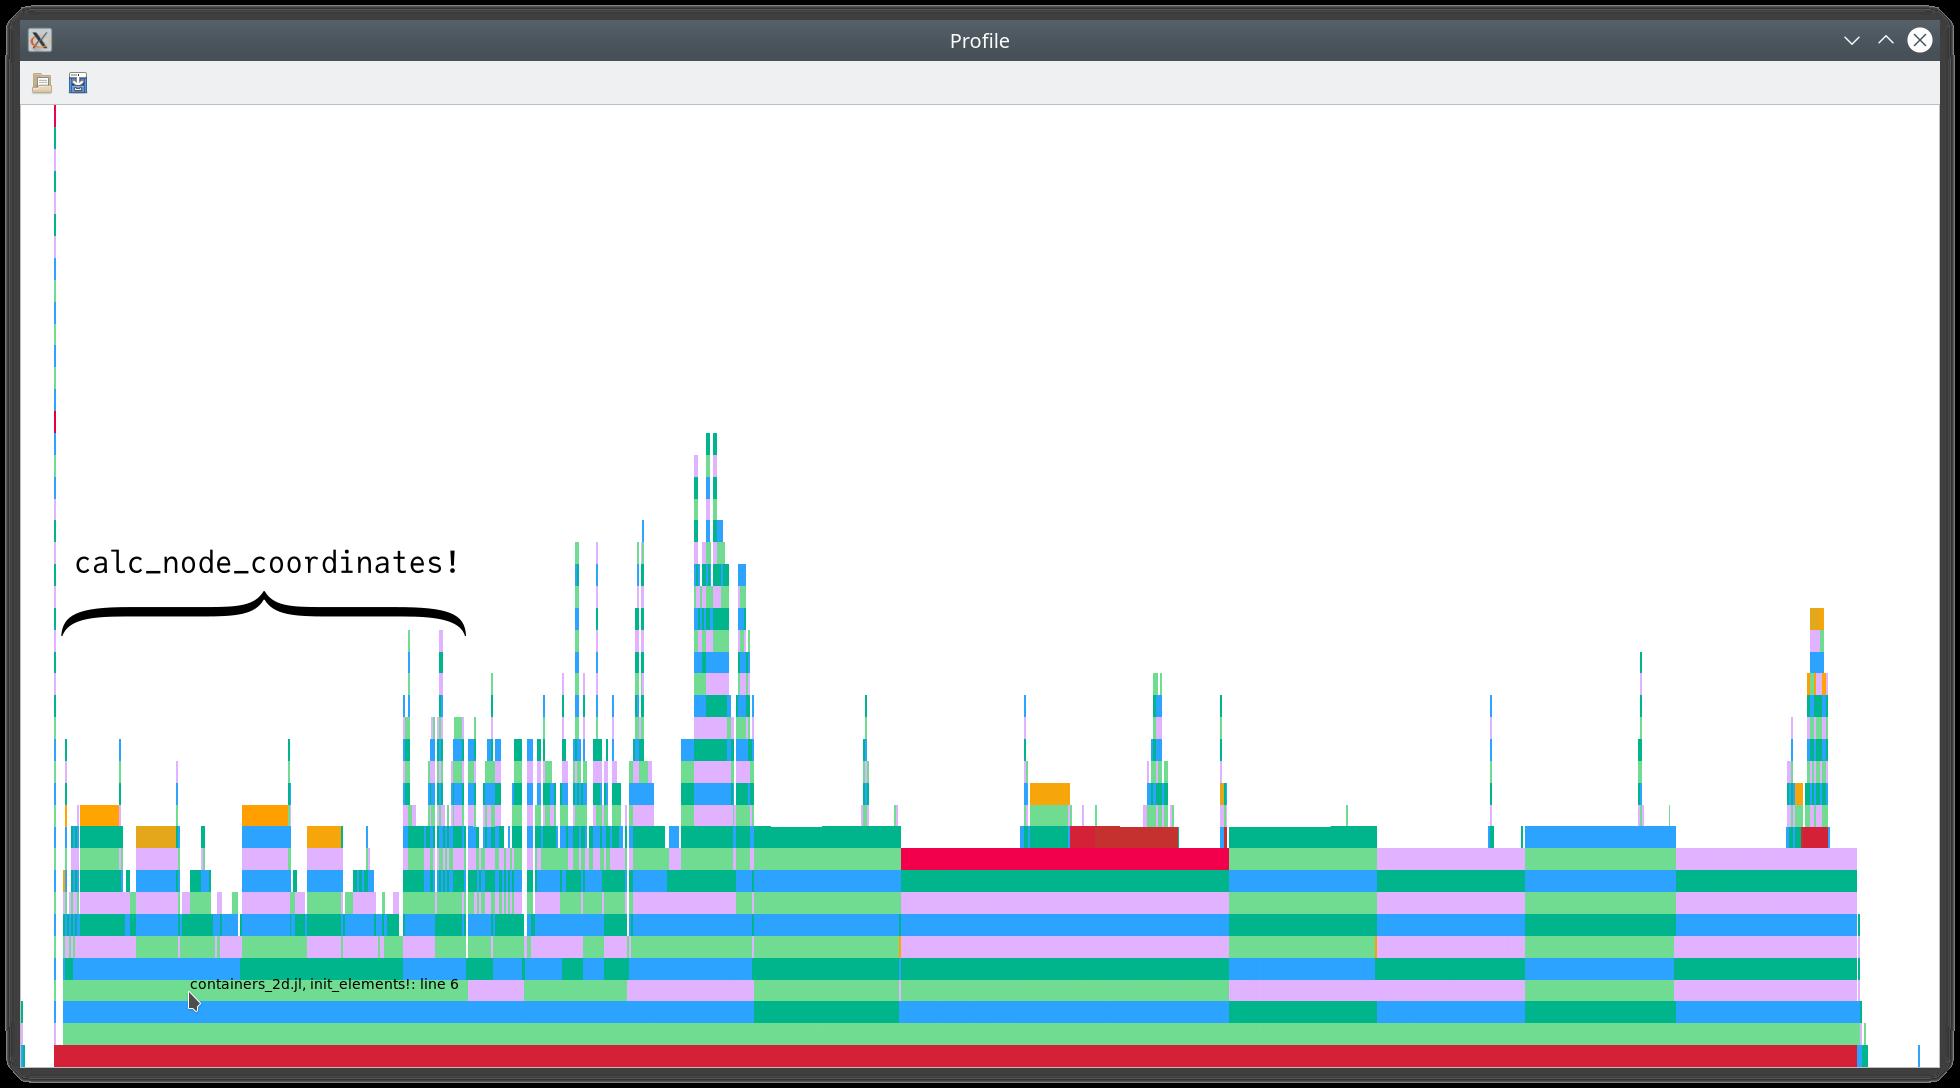 trixi_p4est_performance_profile_2a